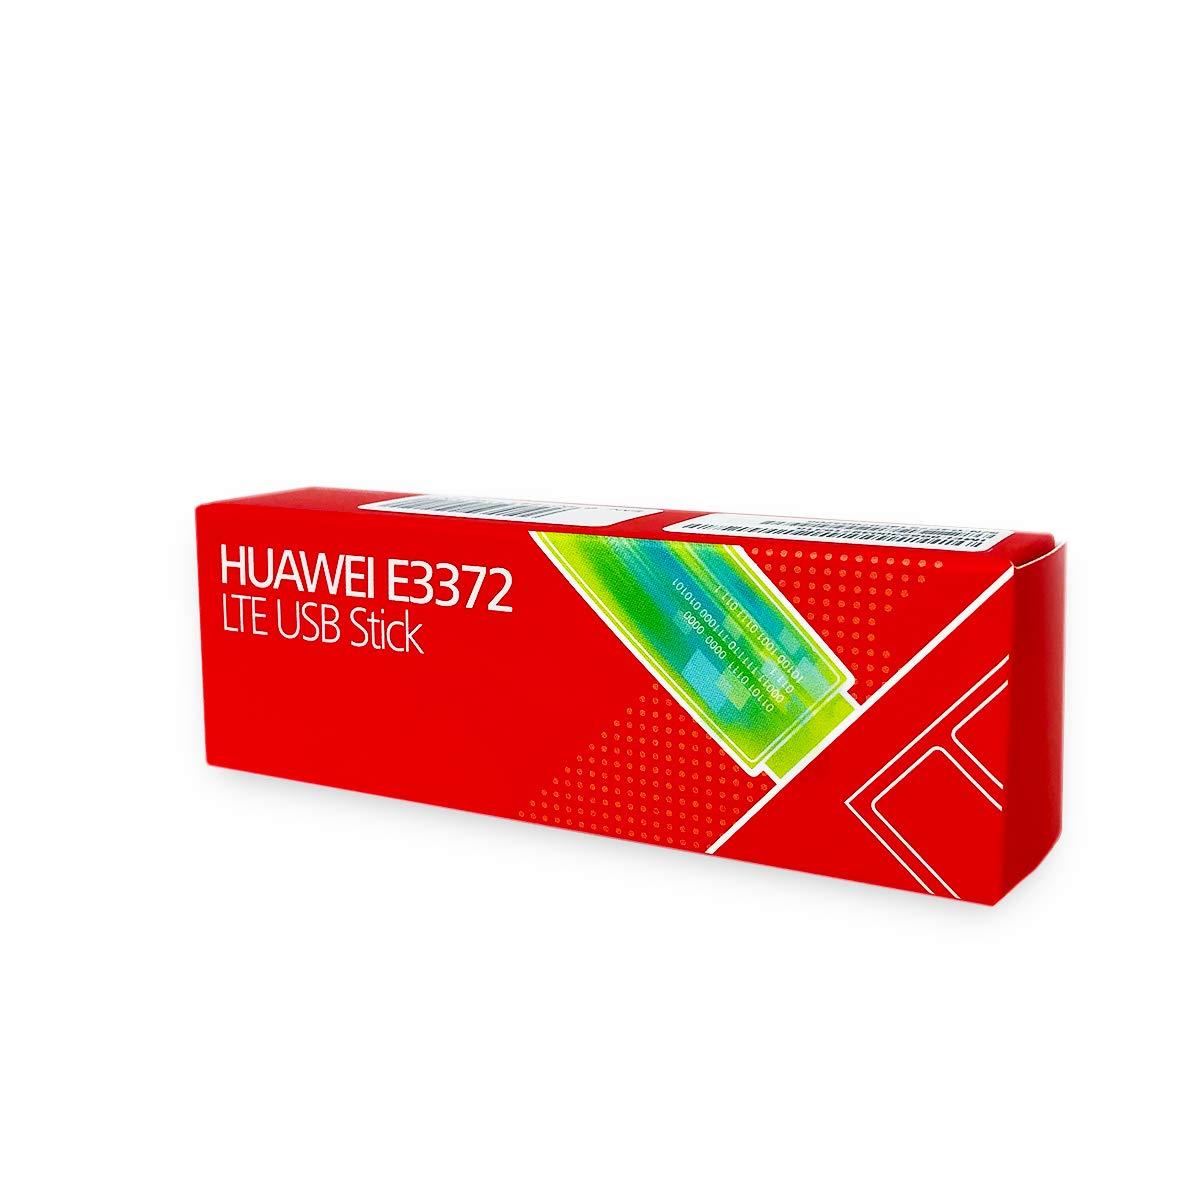 Huawei E3372 Driver Mac